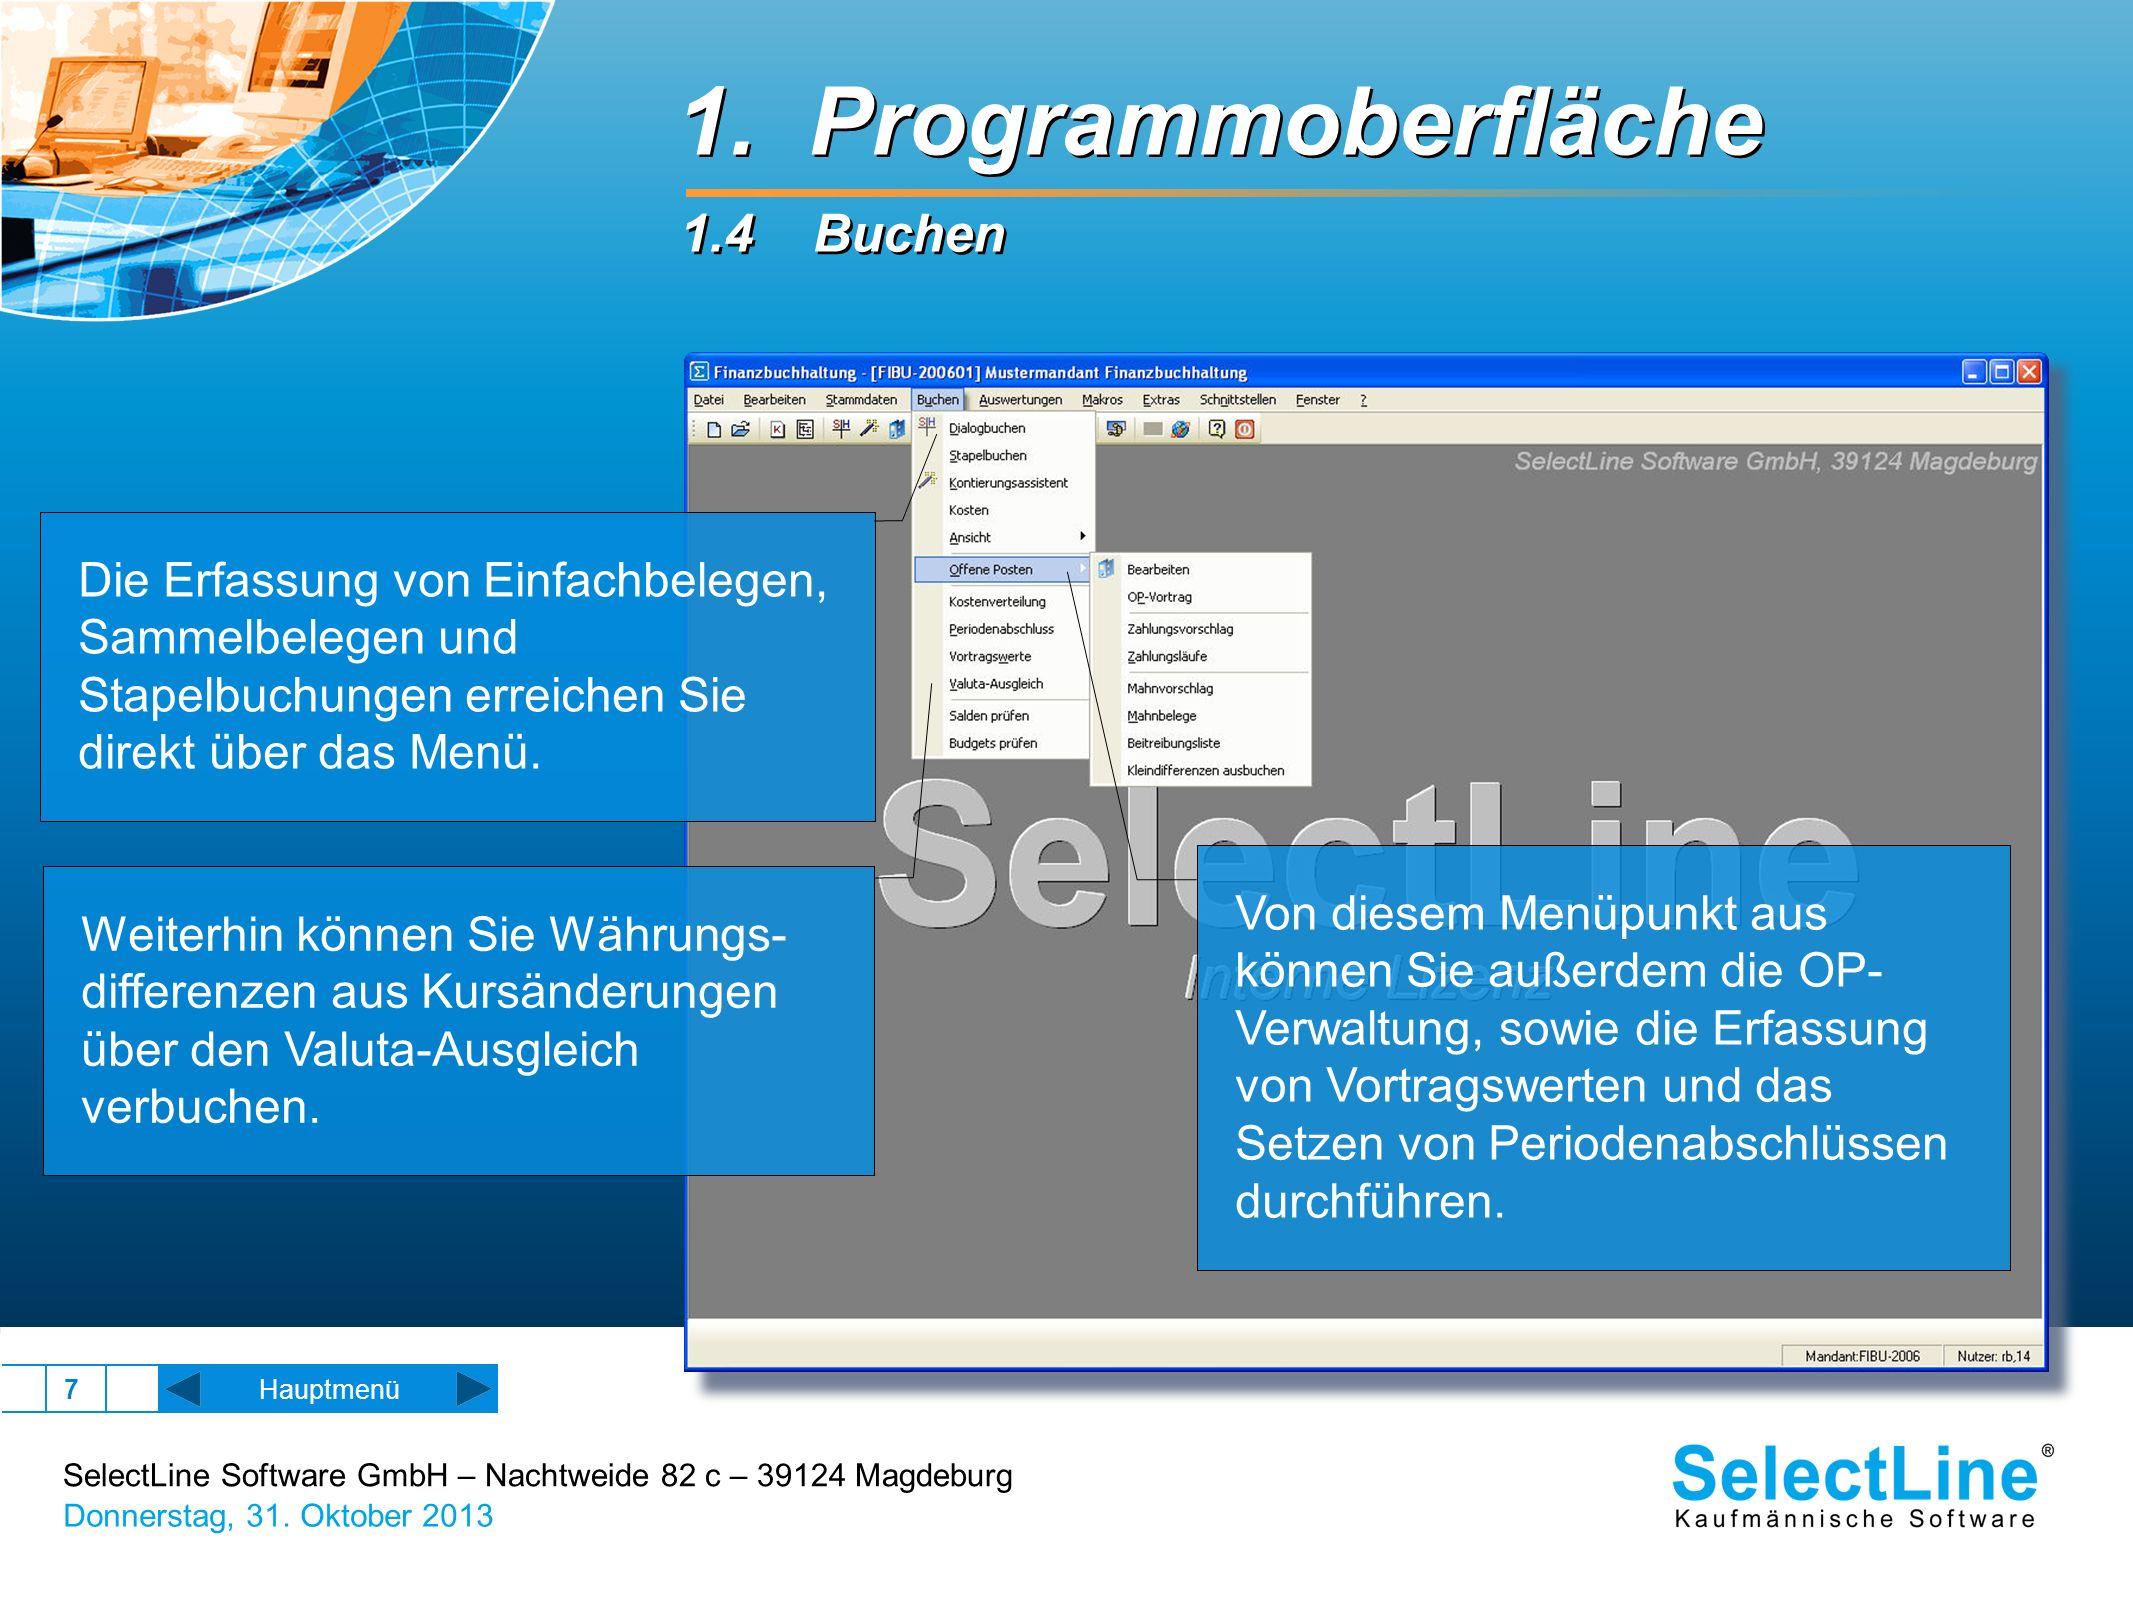 SelectLine Software GmbH – Nachtweide 82 c – 39124 Magdeburg Donnerstag, 31. Oktober 2013 7 Hauptmenü Die Erfassung von Einfachbelegen, Sammelbelegen